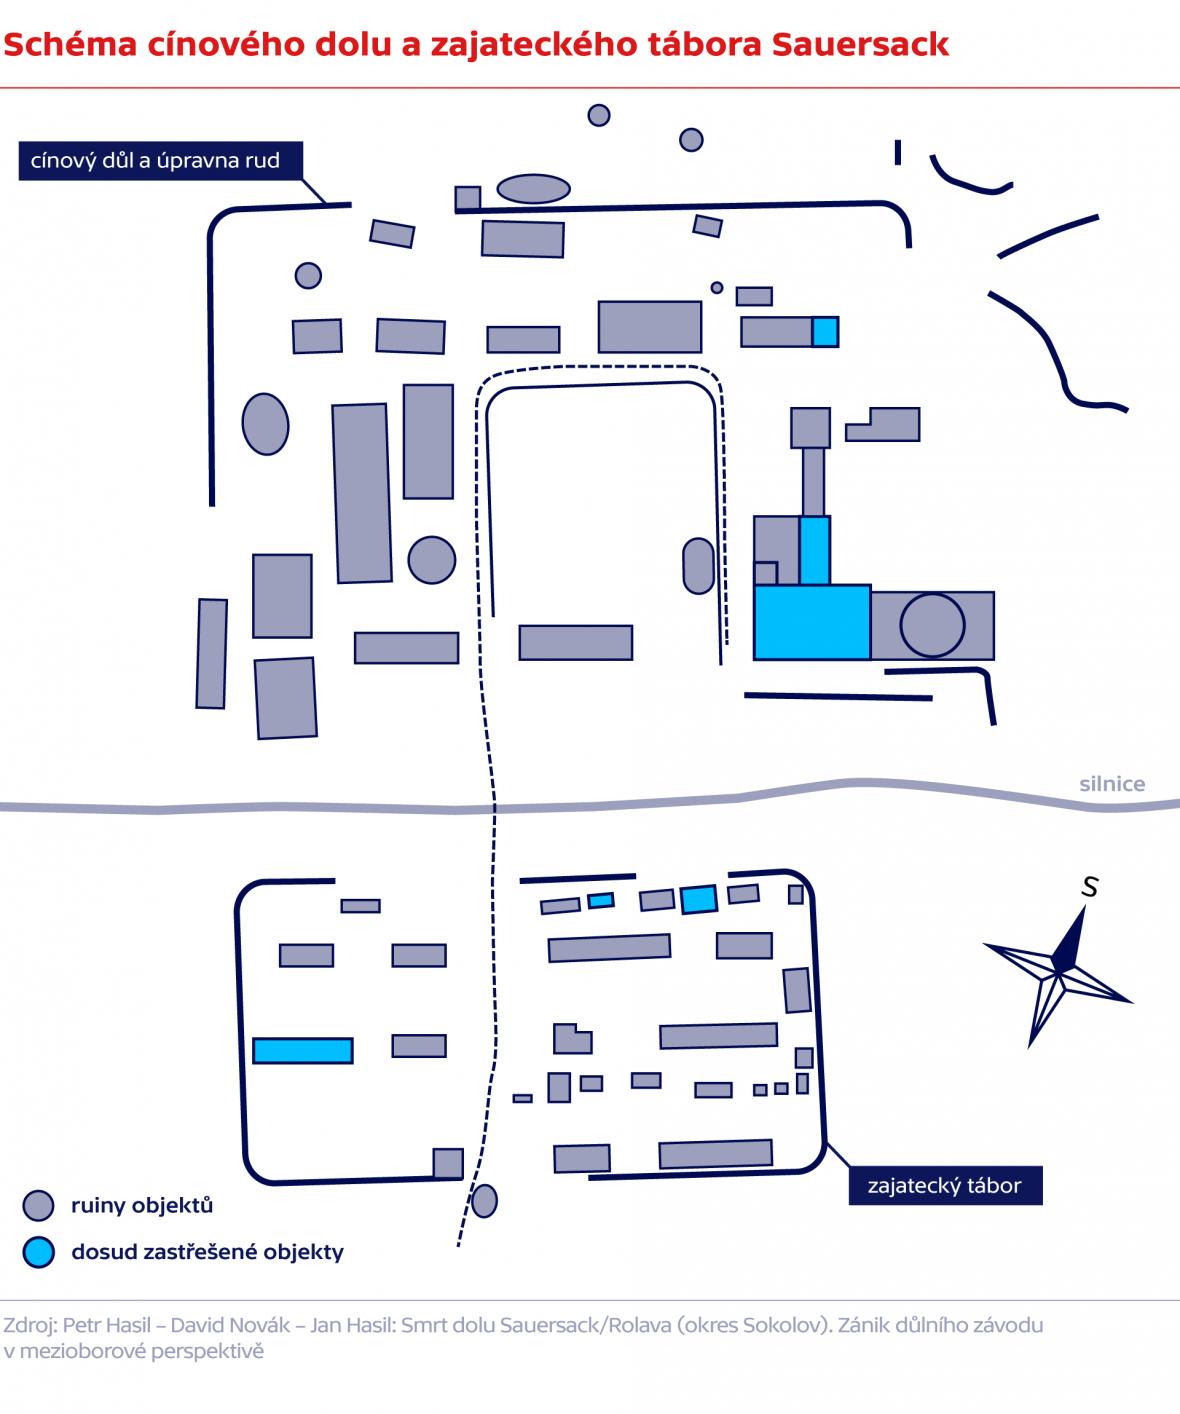 Schéma cínového dolu a zajateckého tábora Sauersack